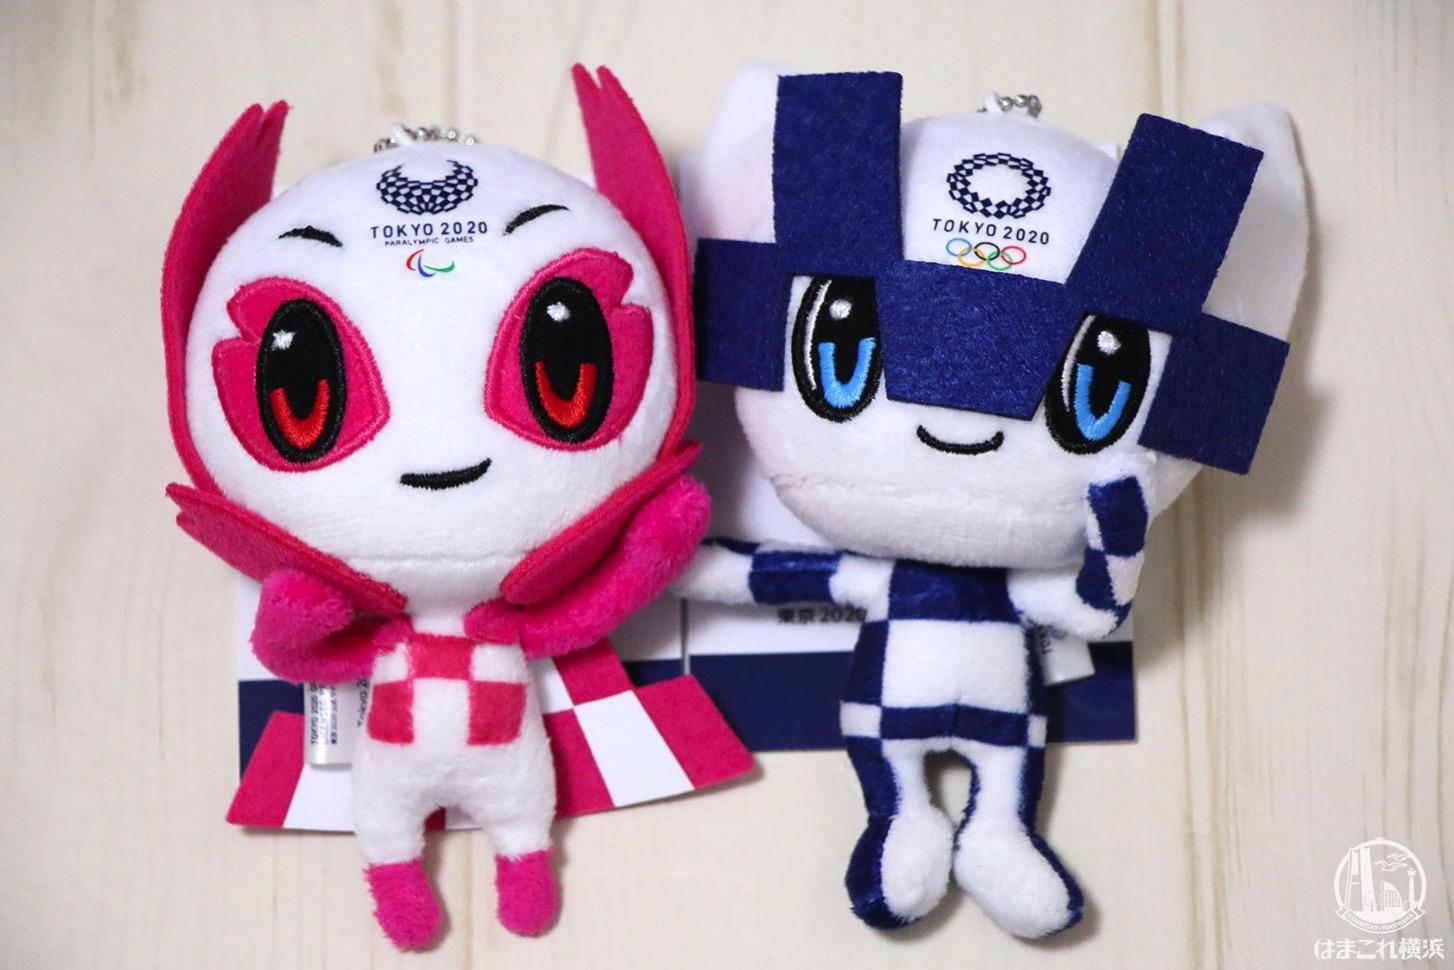 東京2020オリンピック、聖火リレーの神奈川県内ルート・日程決定!ゴールは横浜赤レンガ倉庫